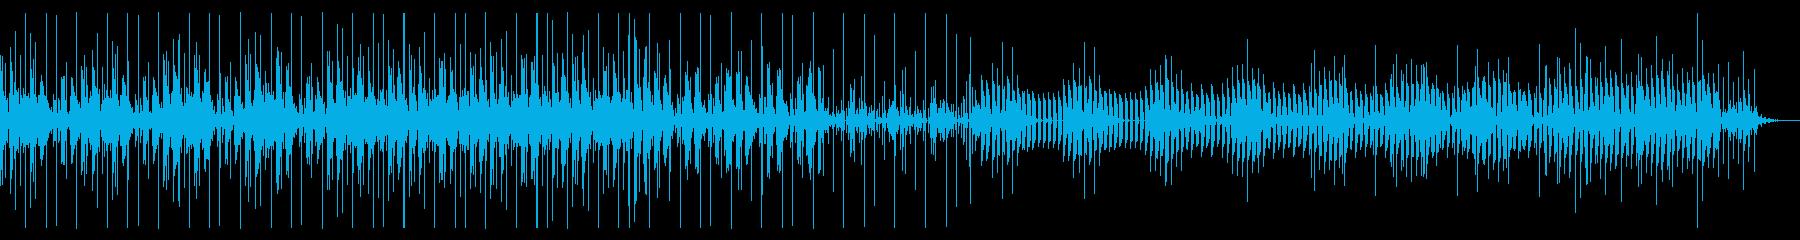 シンセアルペジオが印象的な、洗練された曲の再生済みの波形